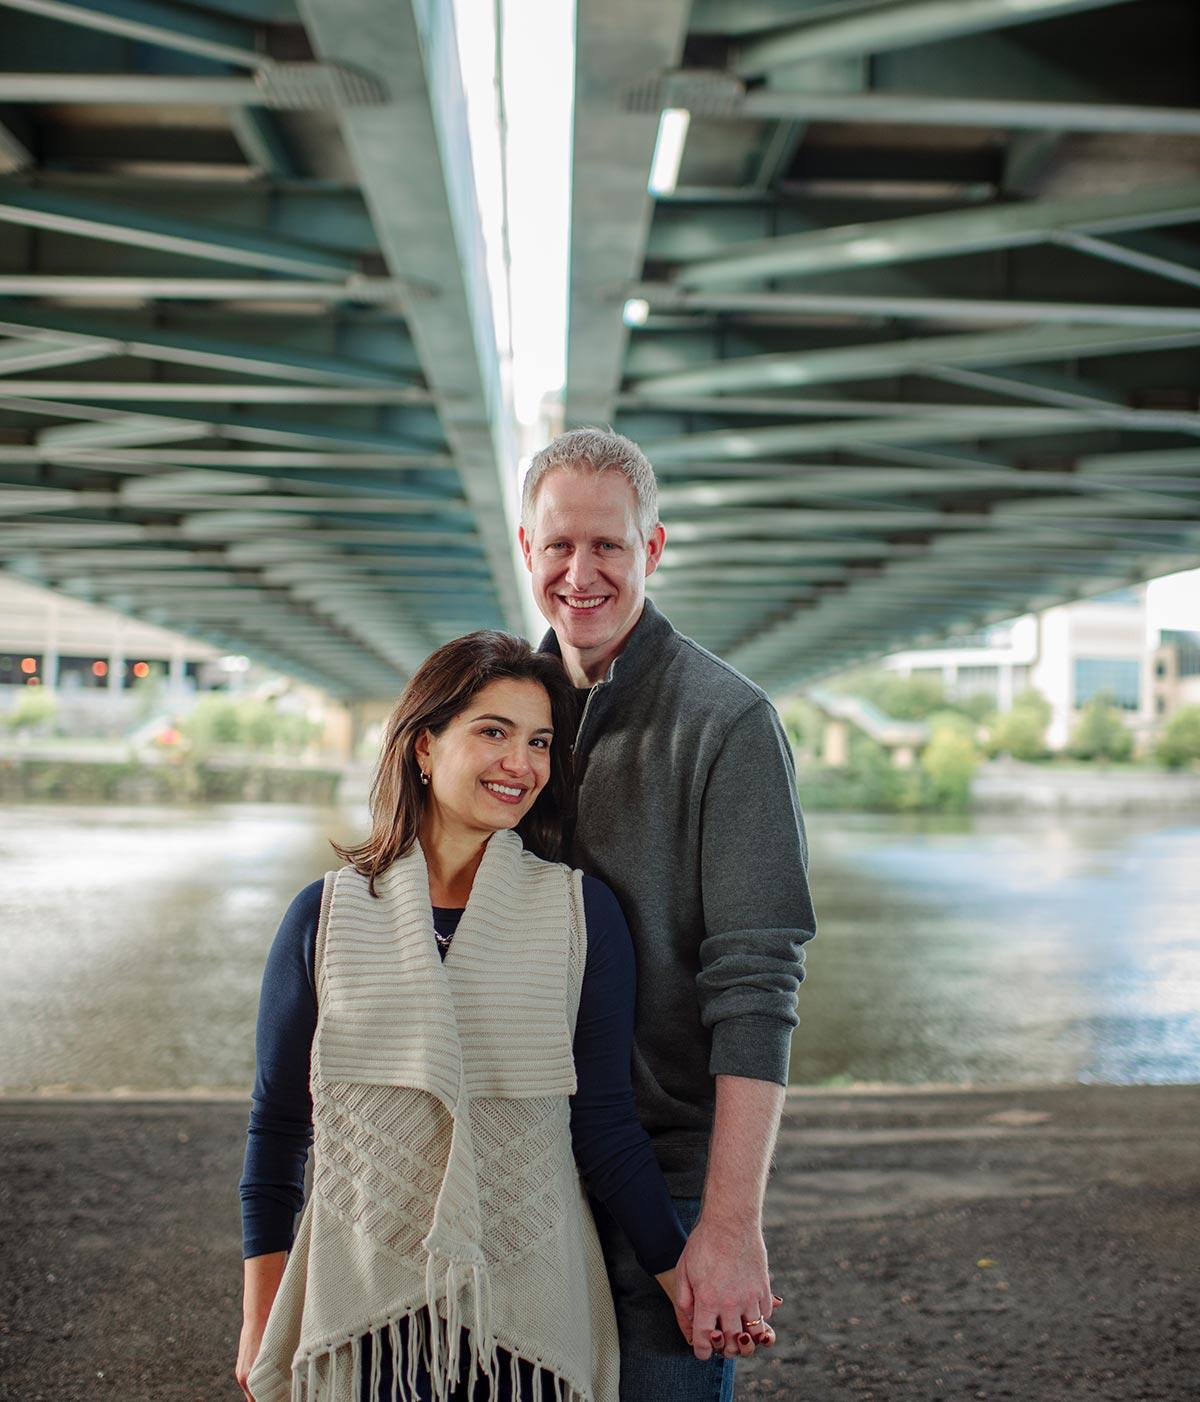 bridge minneapolis modern family photos